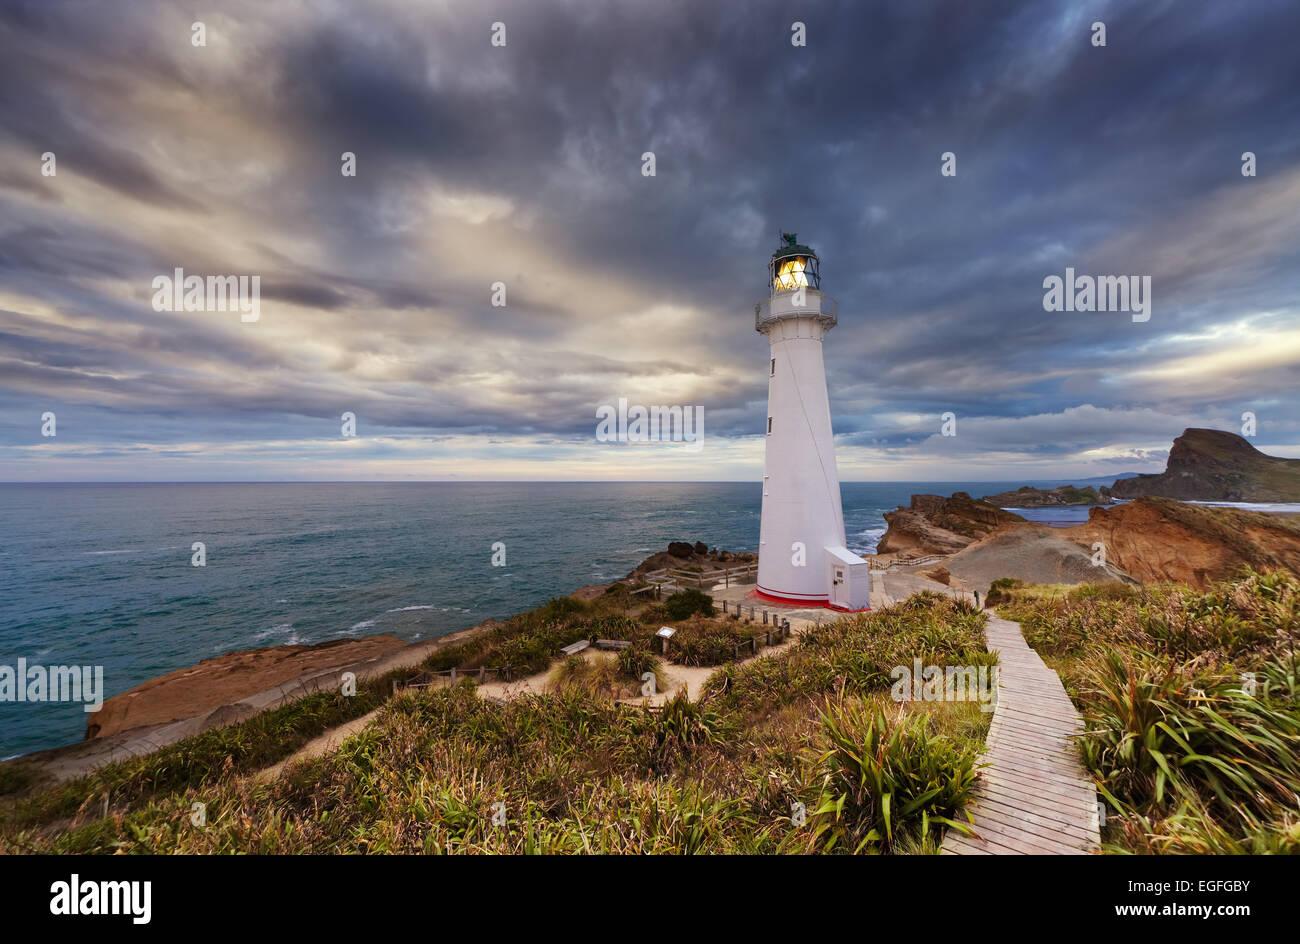 Castle Point Lighthouse at sunrise, Wairarapa New Zealand - Stock Image